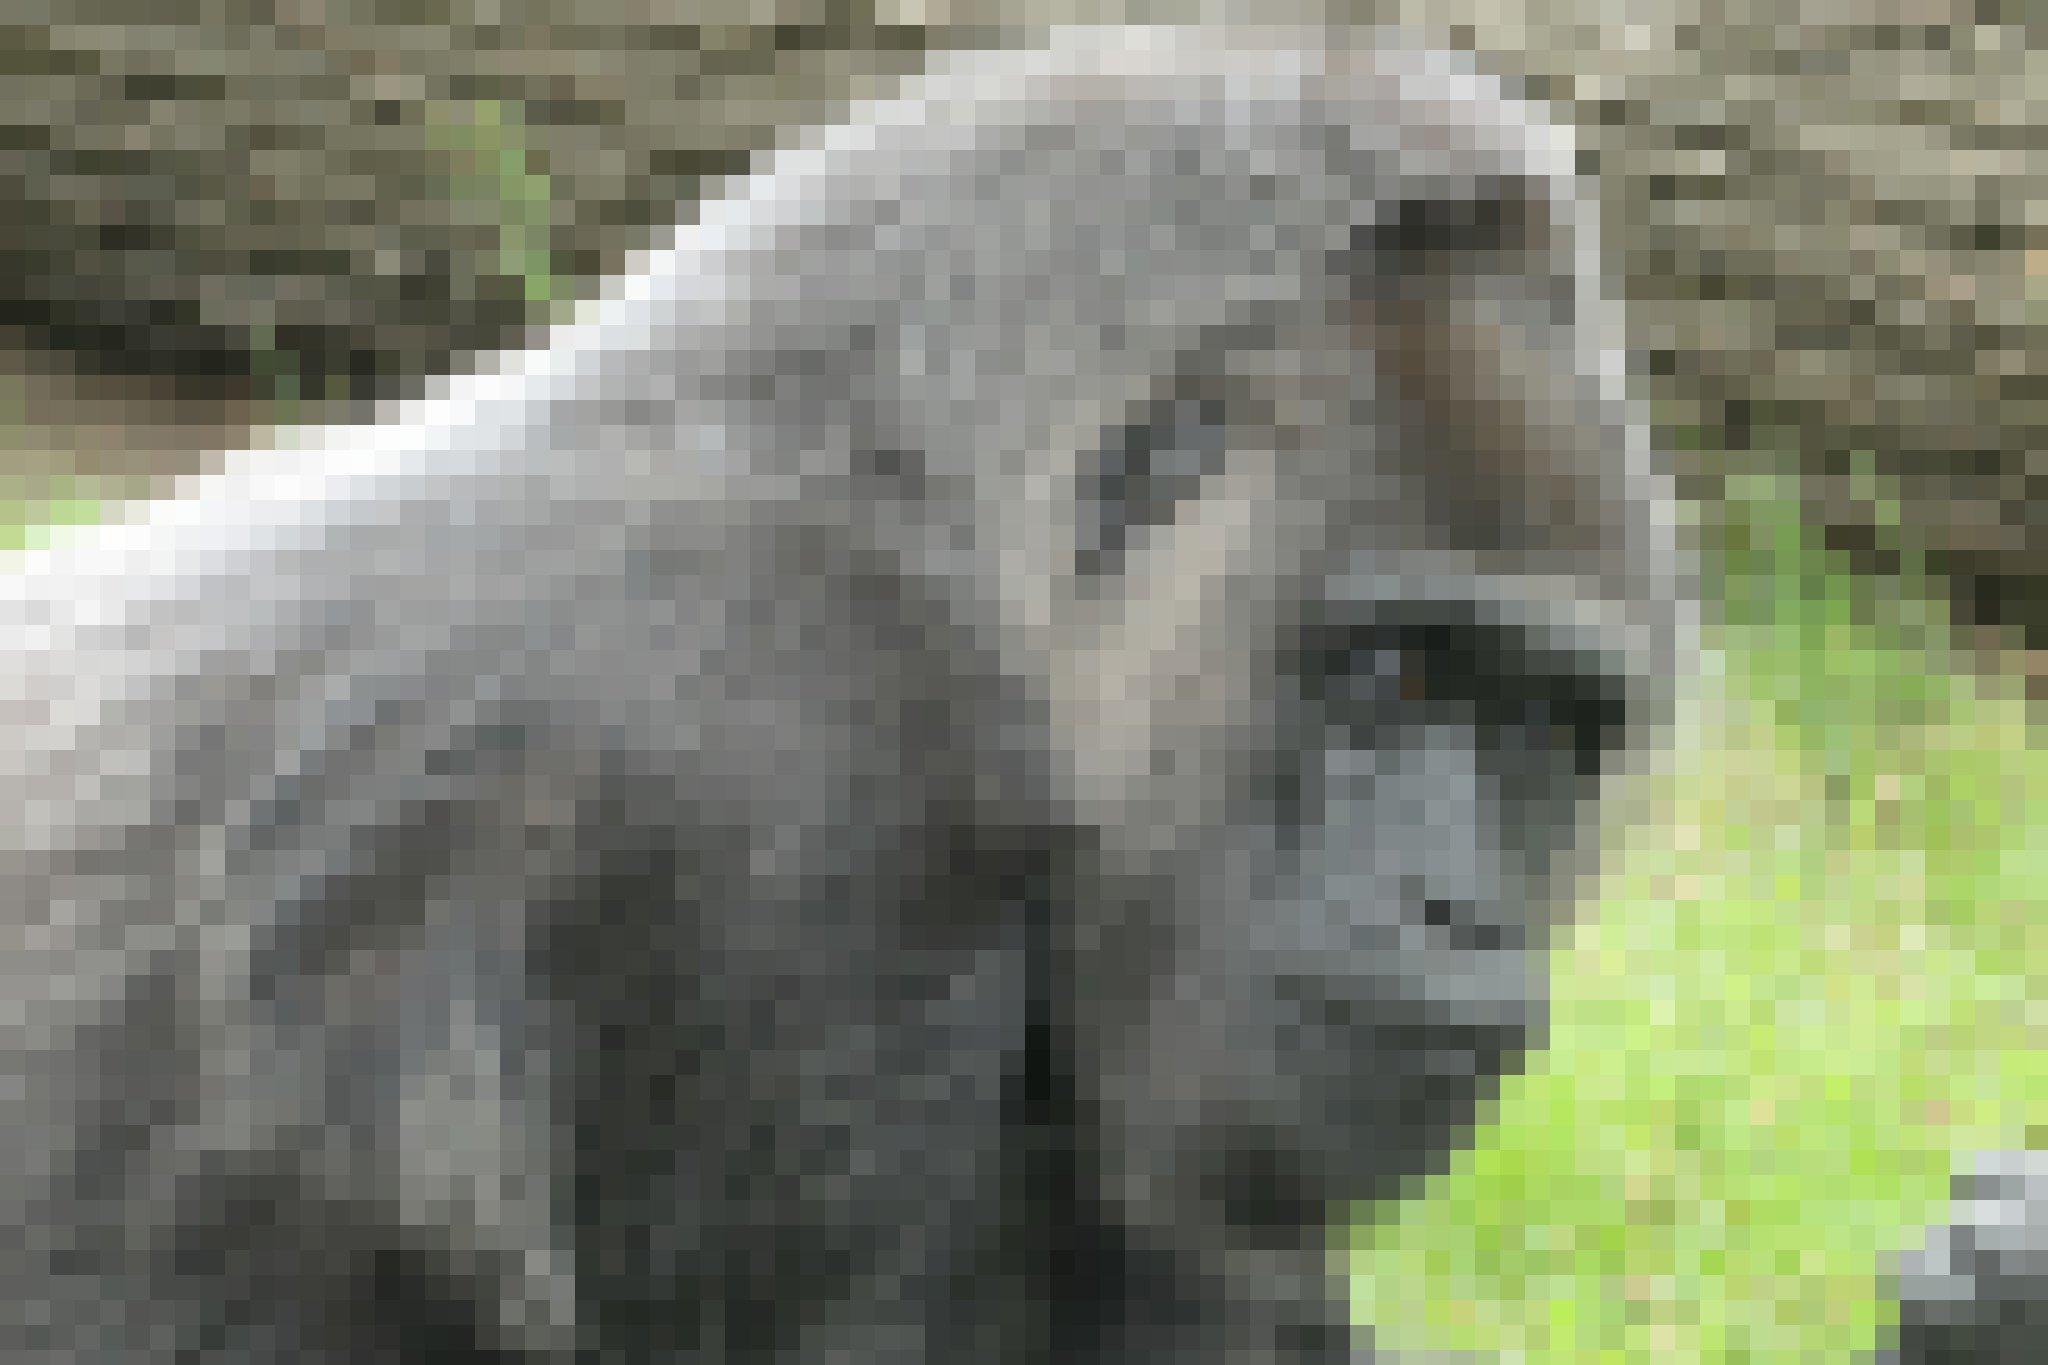 Das Bild zeigt den weiblichen Gorilla Fatou, der im Zoologischen Garten Berlin lebt und bereits über 60Jahre alt ist. Die schon etwas ergraute Affendame gilt als ältester im Zoo lebender Gorilla. Ihr Blick wirkt sehr menschlich, etwas in sich gekehrt und nachdenklich.